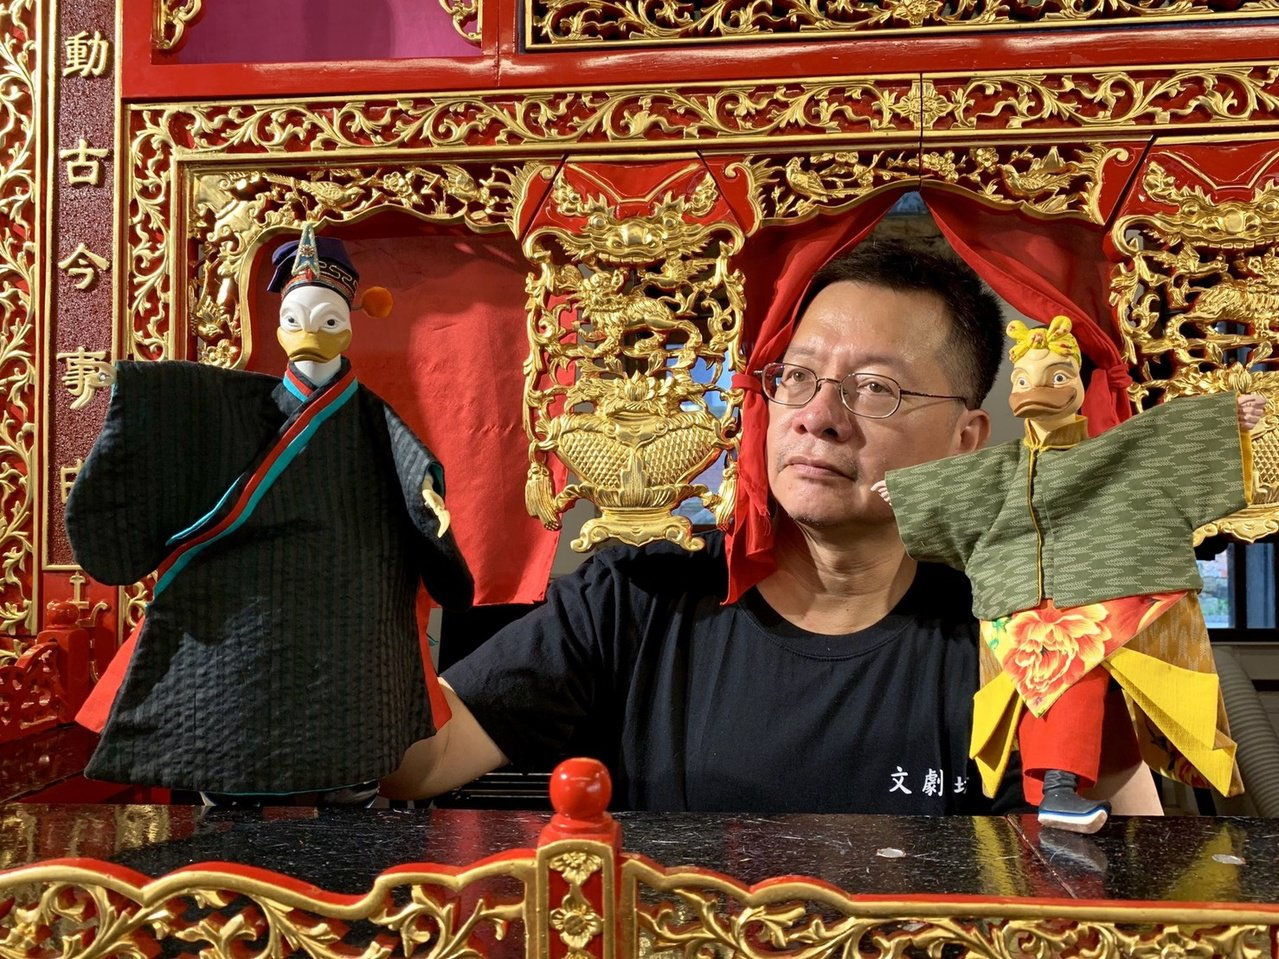 蔡長菁創作的布袋戲,讓唐小鴨穿上古裝布袋戲。圖/文劇坊掌中劇團提供